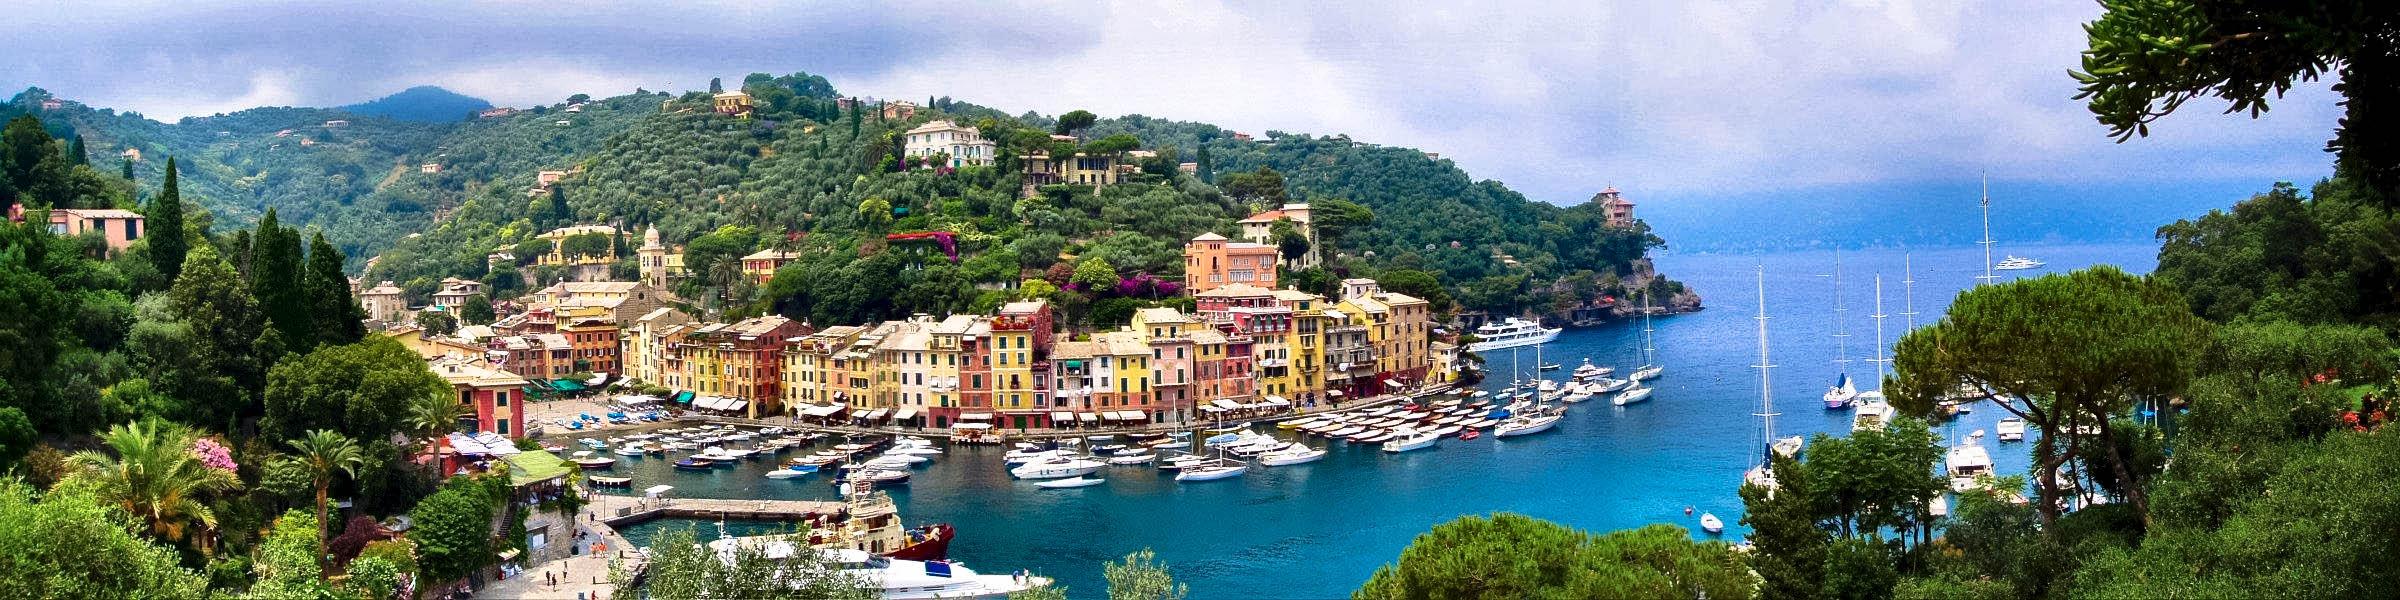 Portofino San George